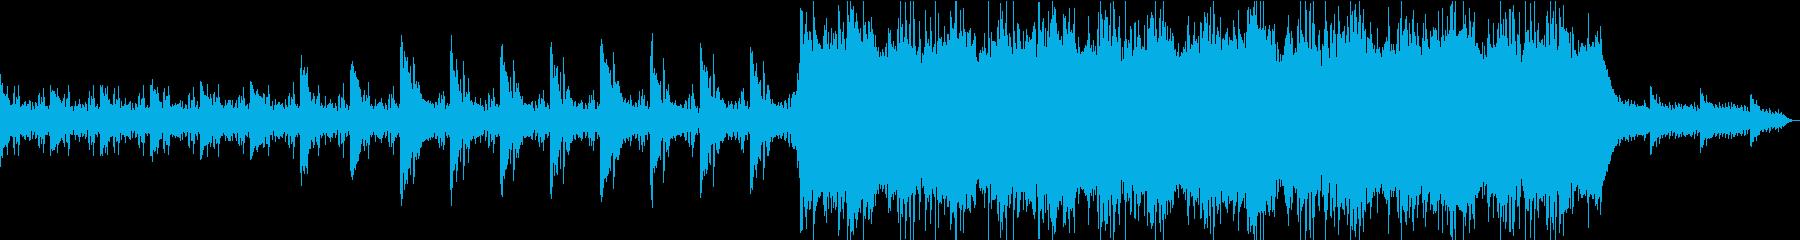 電子世界をイメージしたシンセメインBGMの再生済みの波形